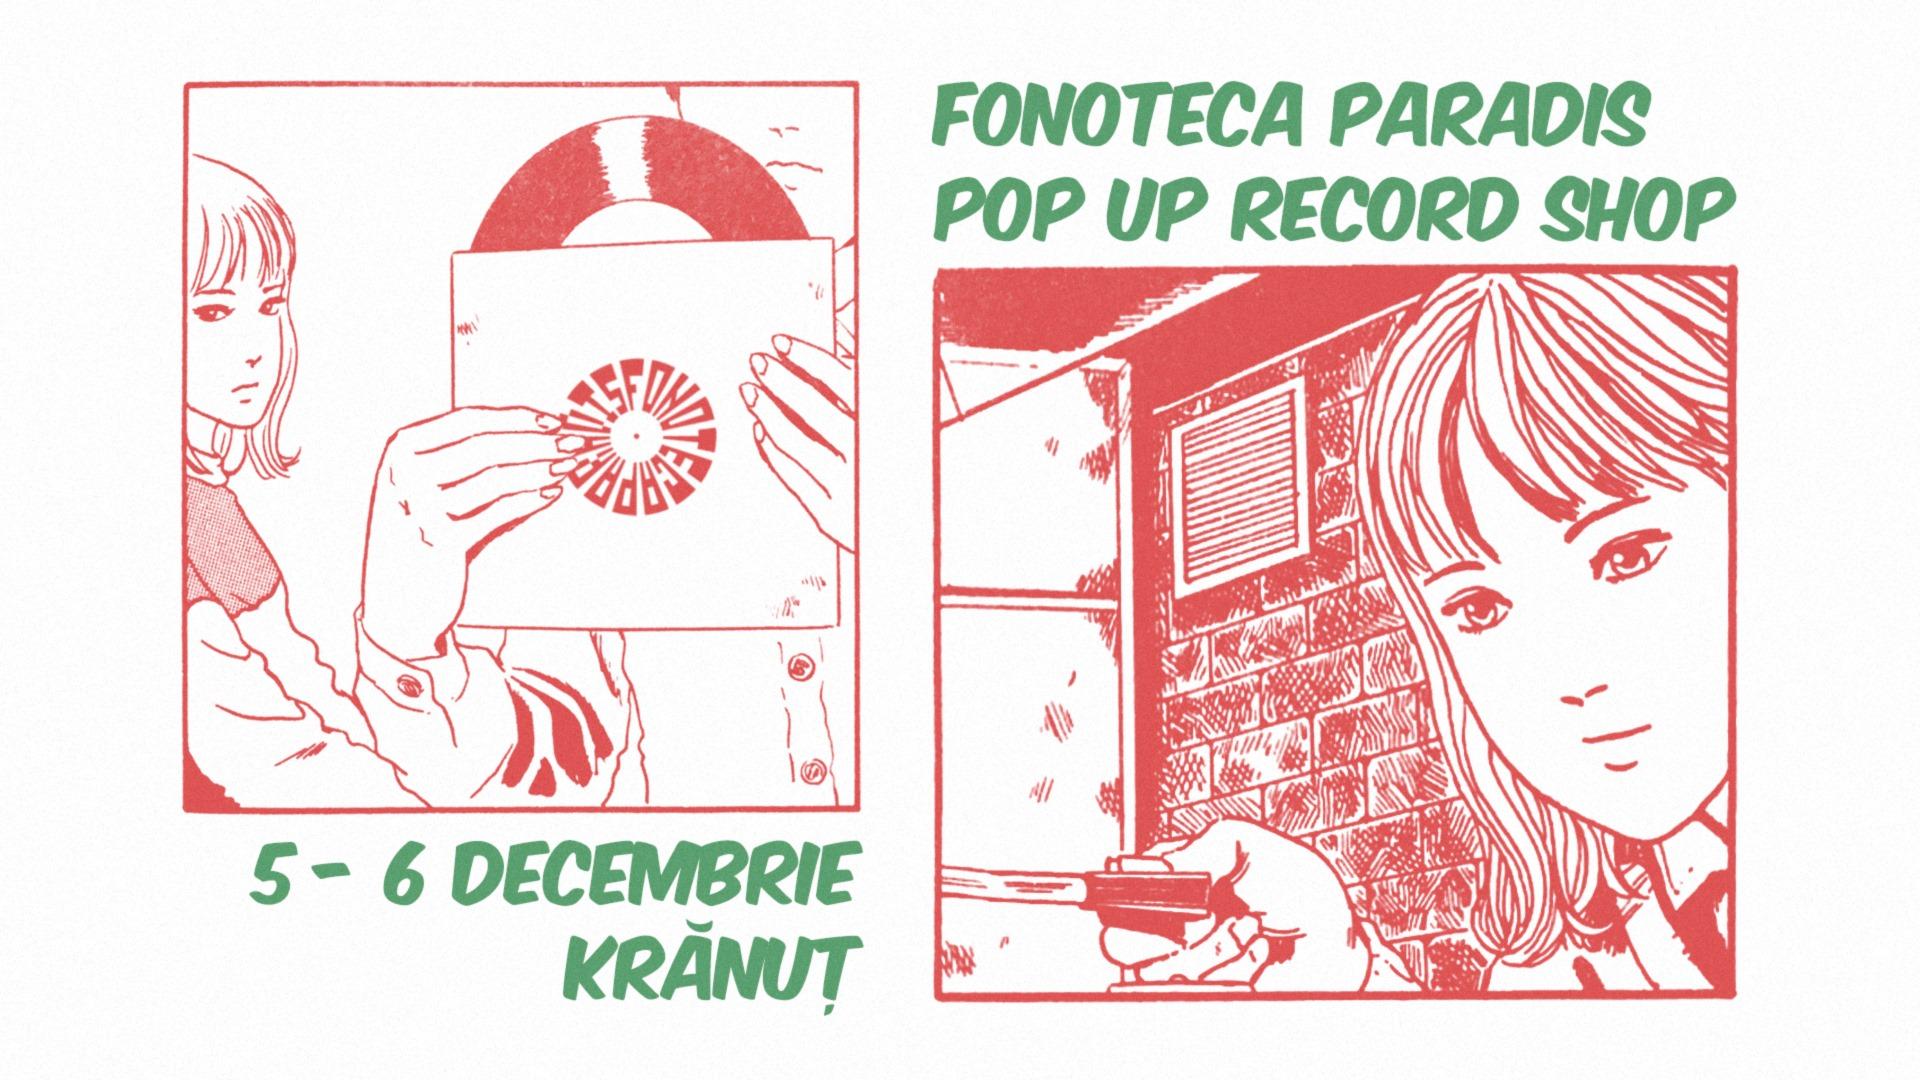 Fonoteca Paradis Pop-Up Record Shop